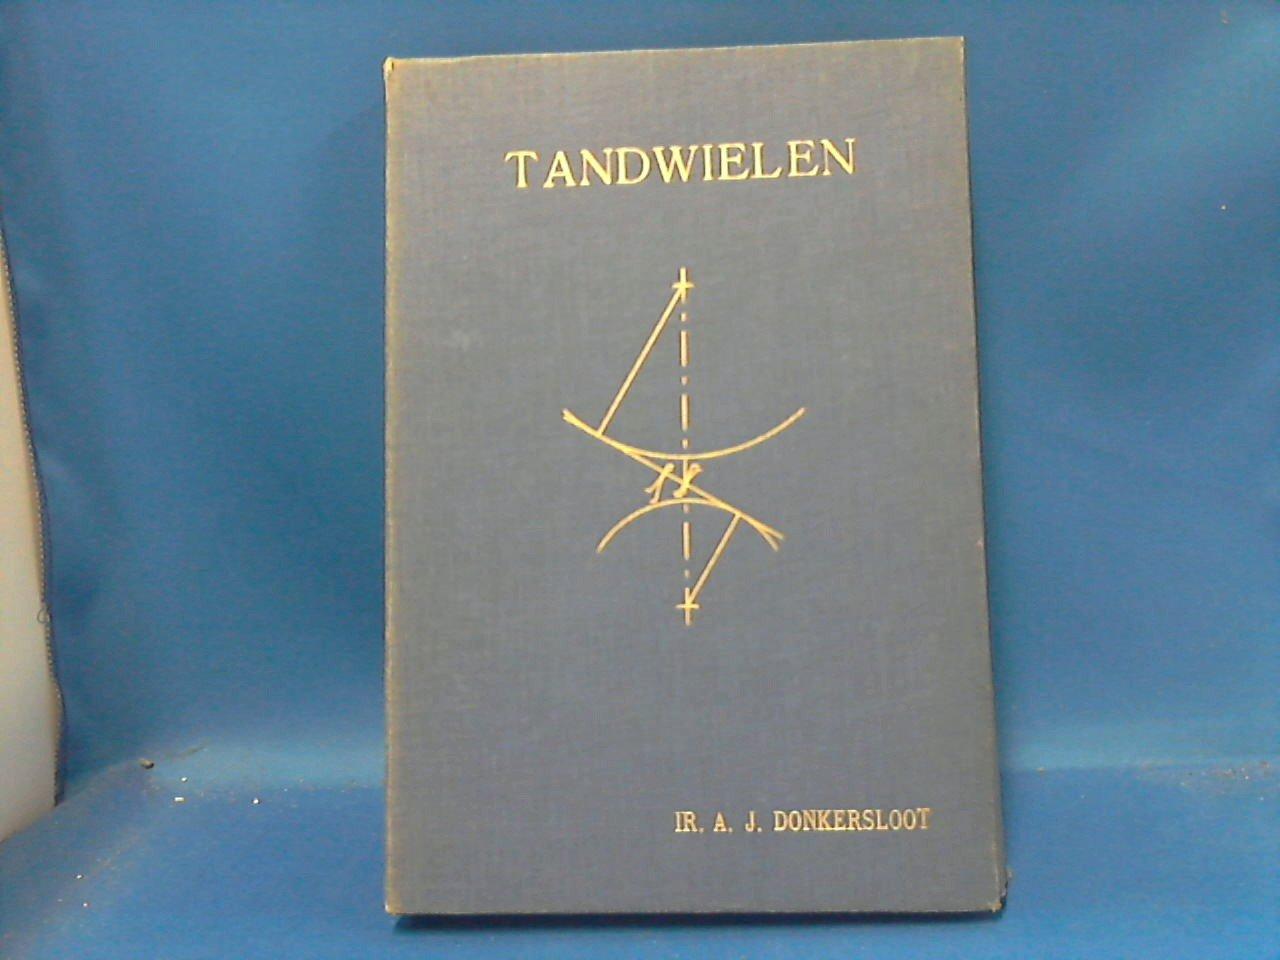 Donkersloot A.J. - Tandwielen, 1963